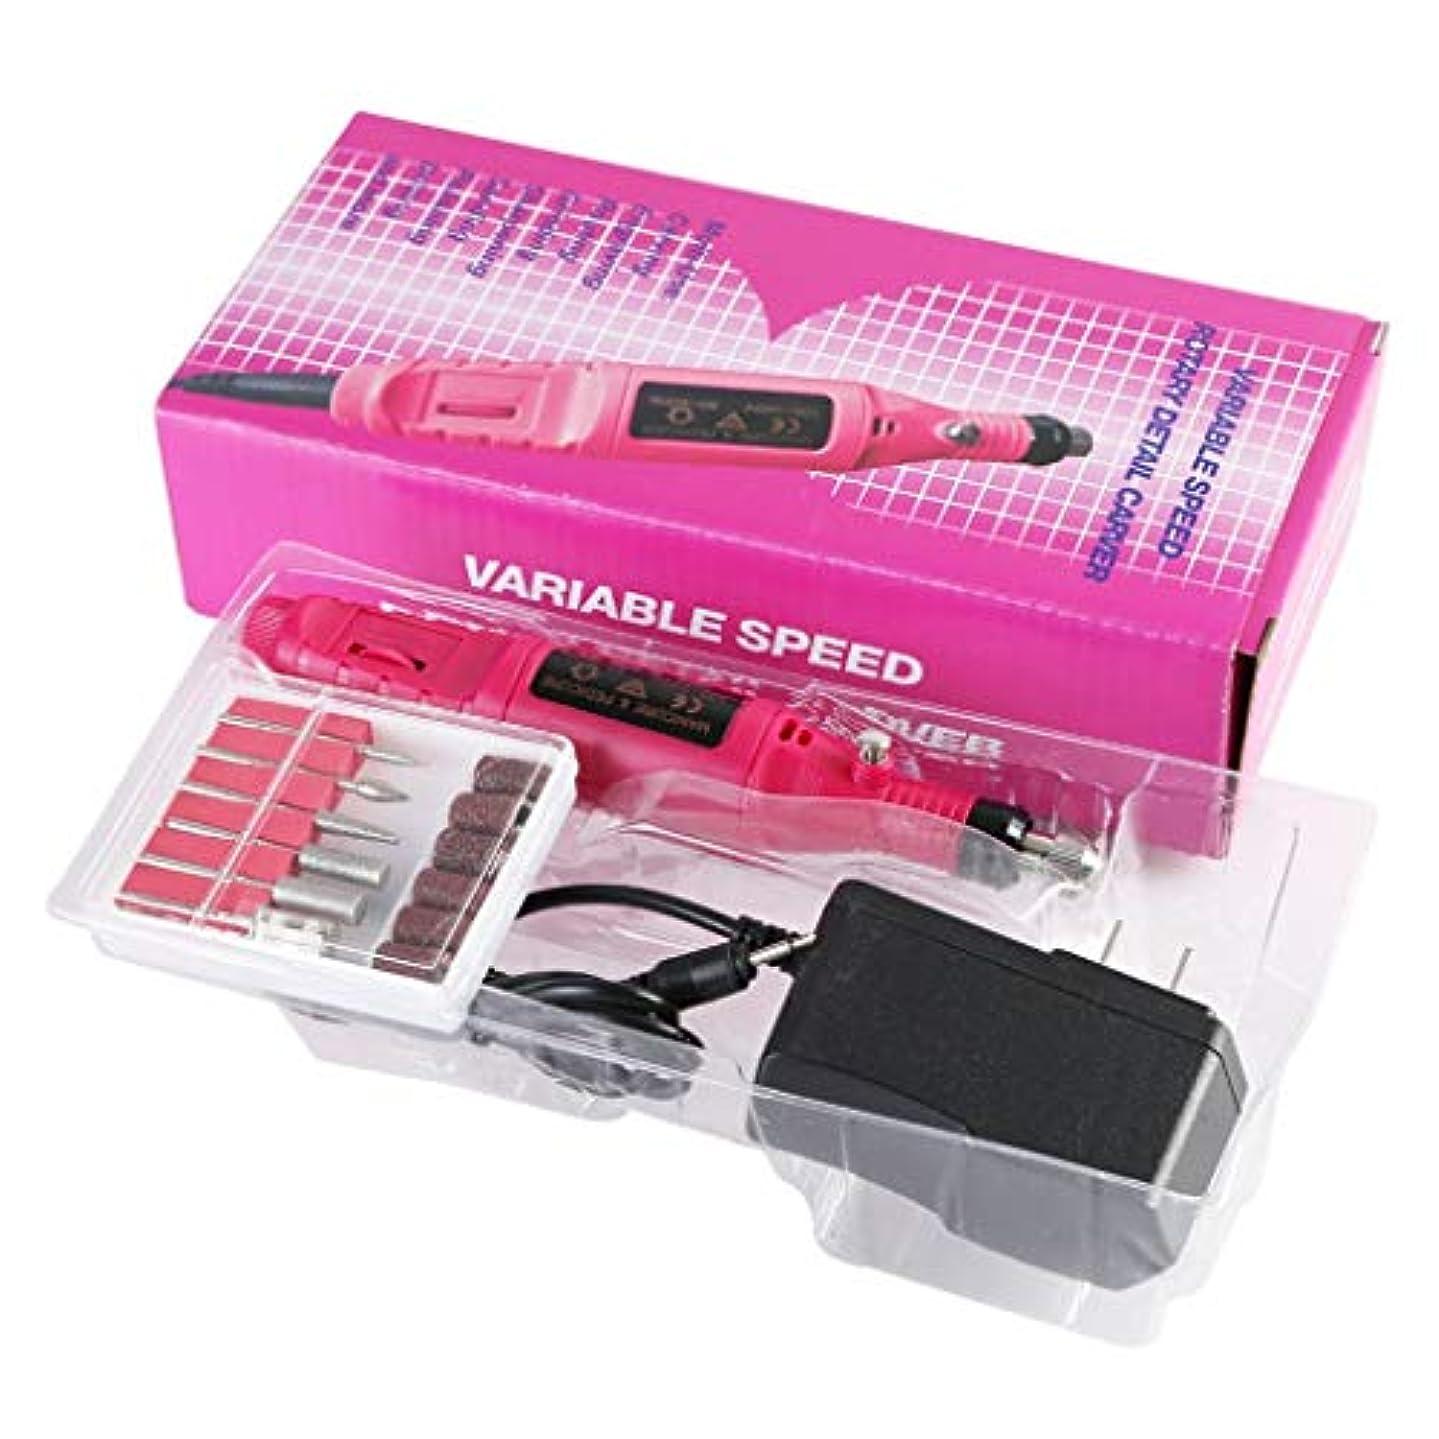 剃るインフラ分離するゲルのアクリルの剥離のために使用される筆記試験の電気粉砕機の釘グラインダーの電圧 110v-220v